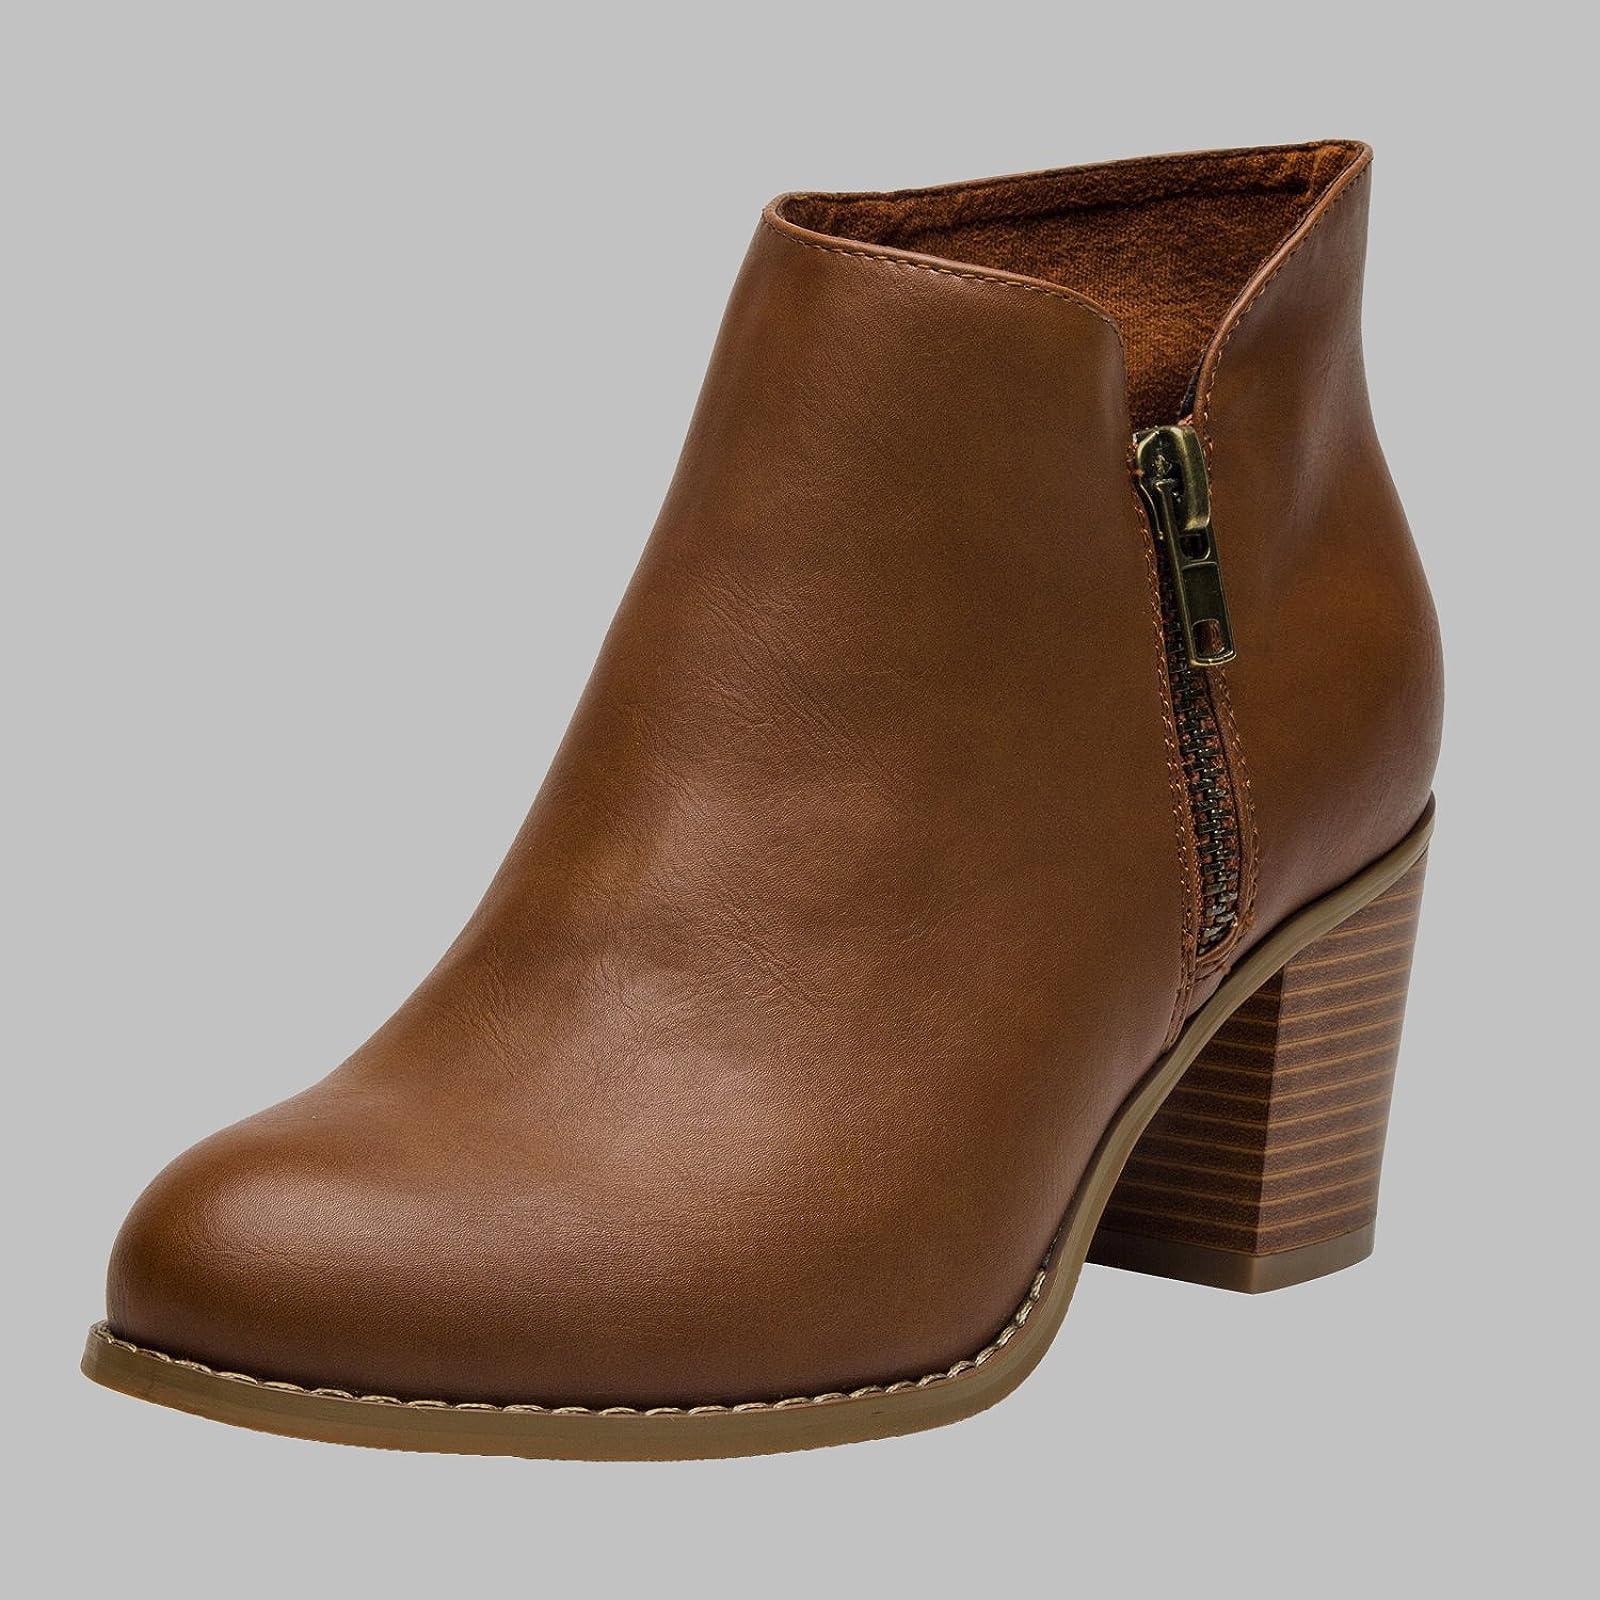 Luoika Plus Size Wide Width Ankle BootsWomen - 6